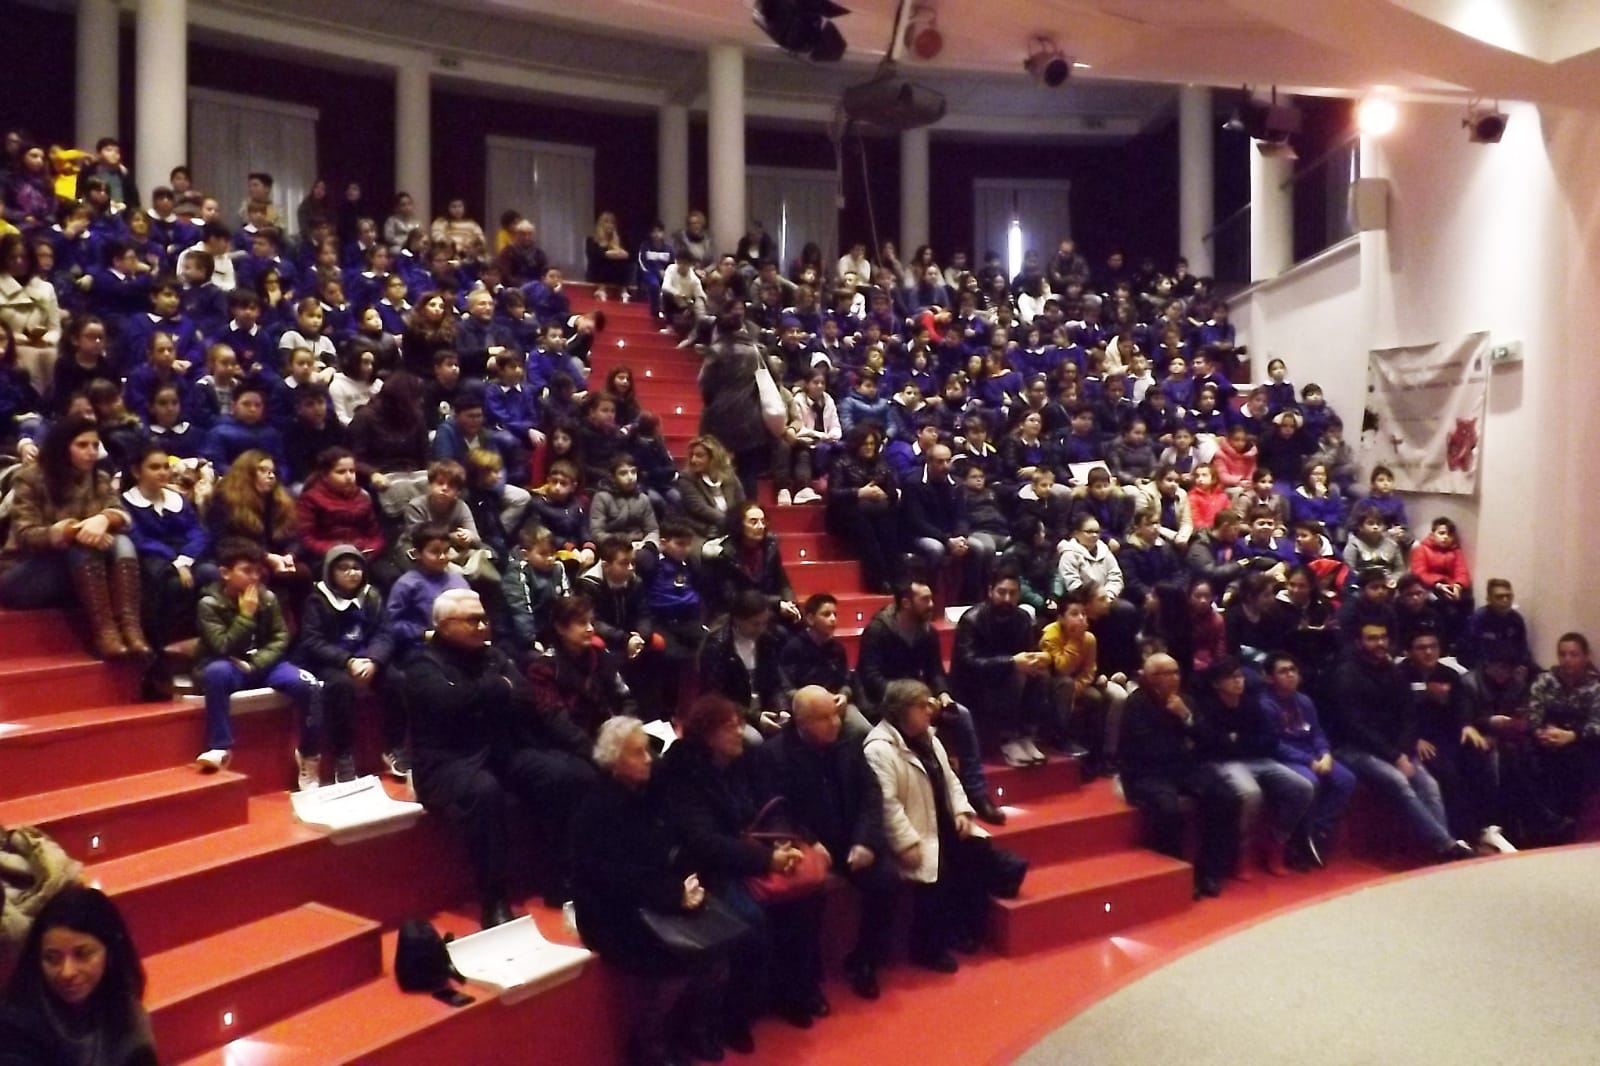 teatro_2020-02-15-at-02.03.07